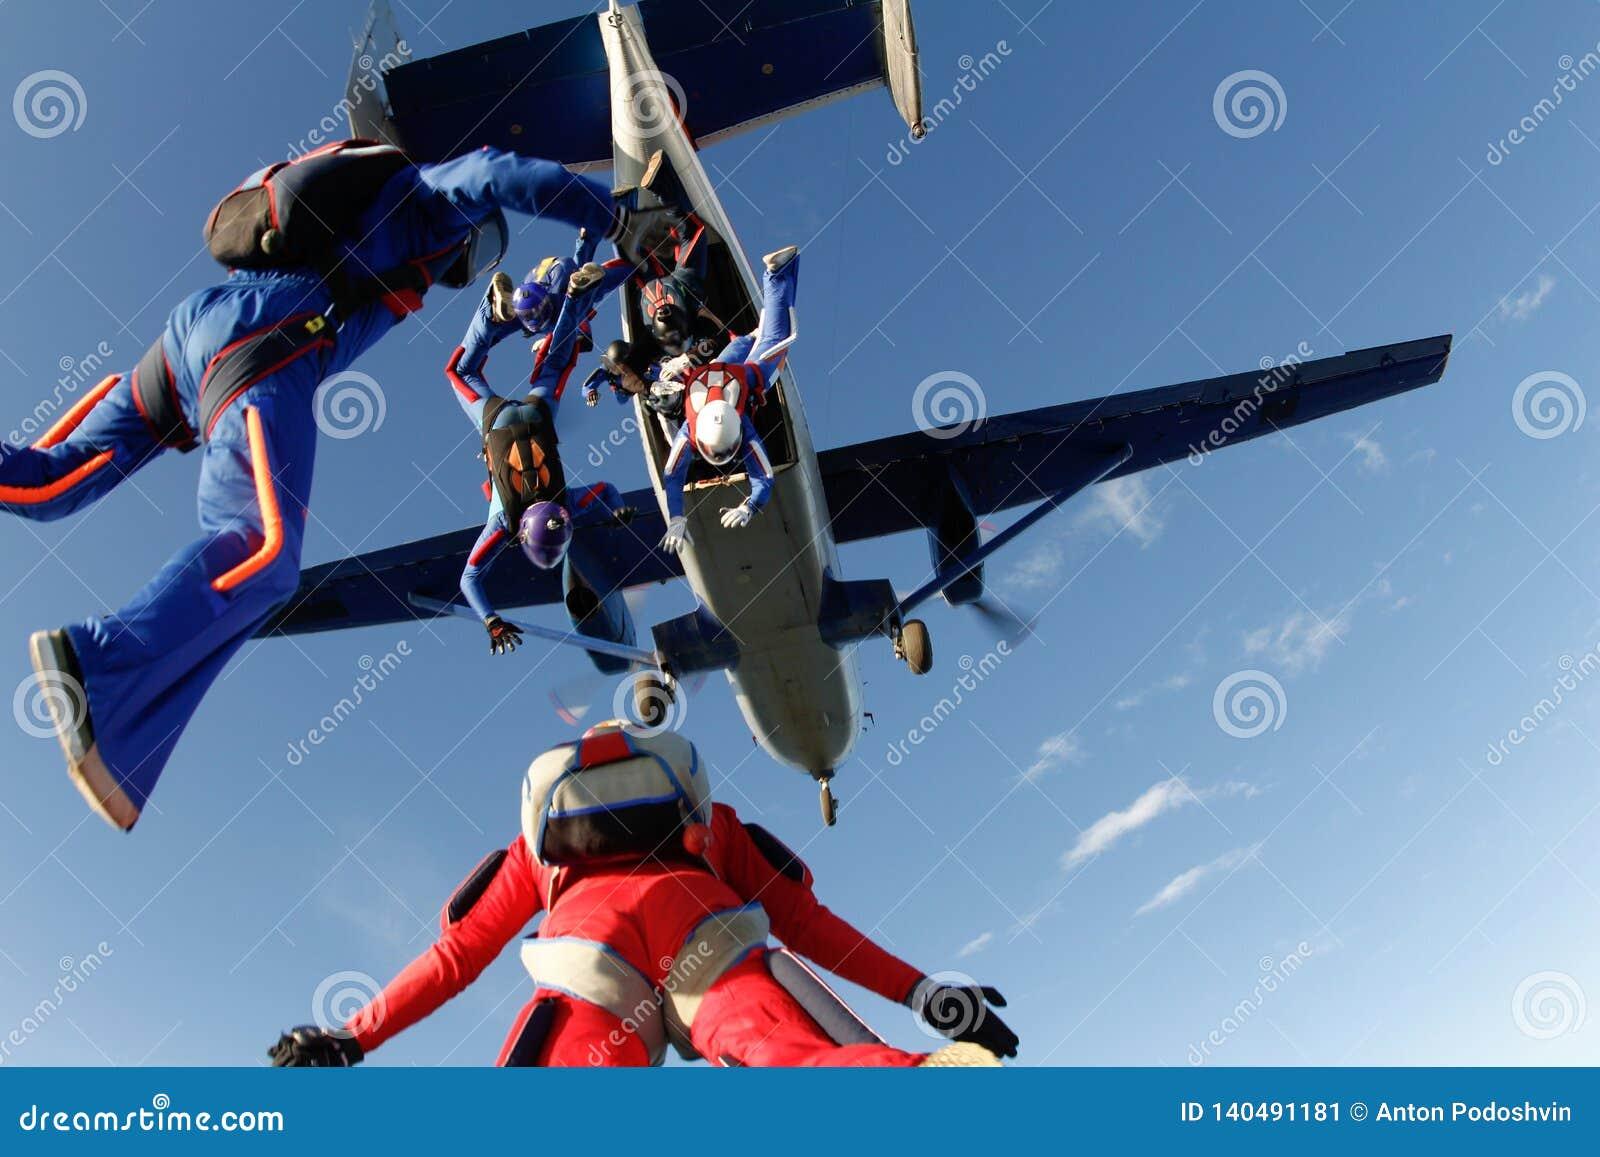 Skydiving Några skydivers hoppar ut ur en stor nivå